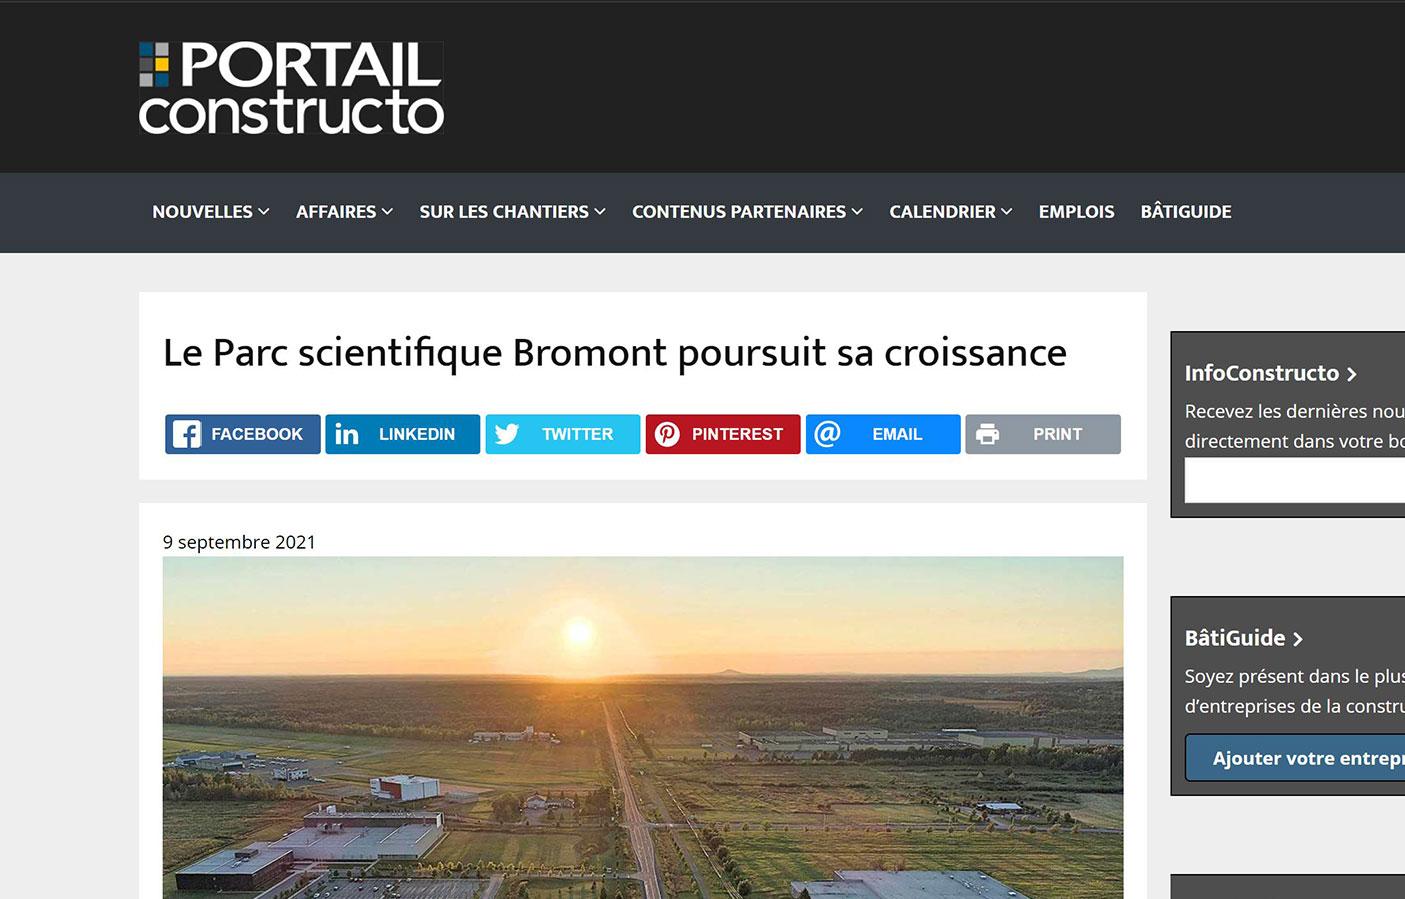 Le Parc scientifique Bromont poursuit sa croissance